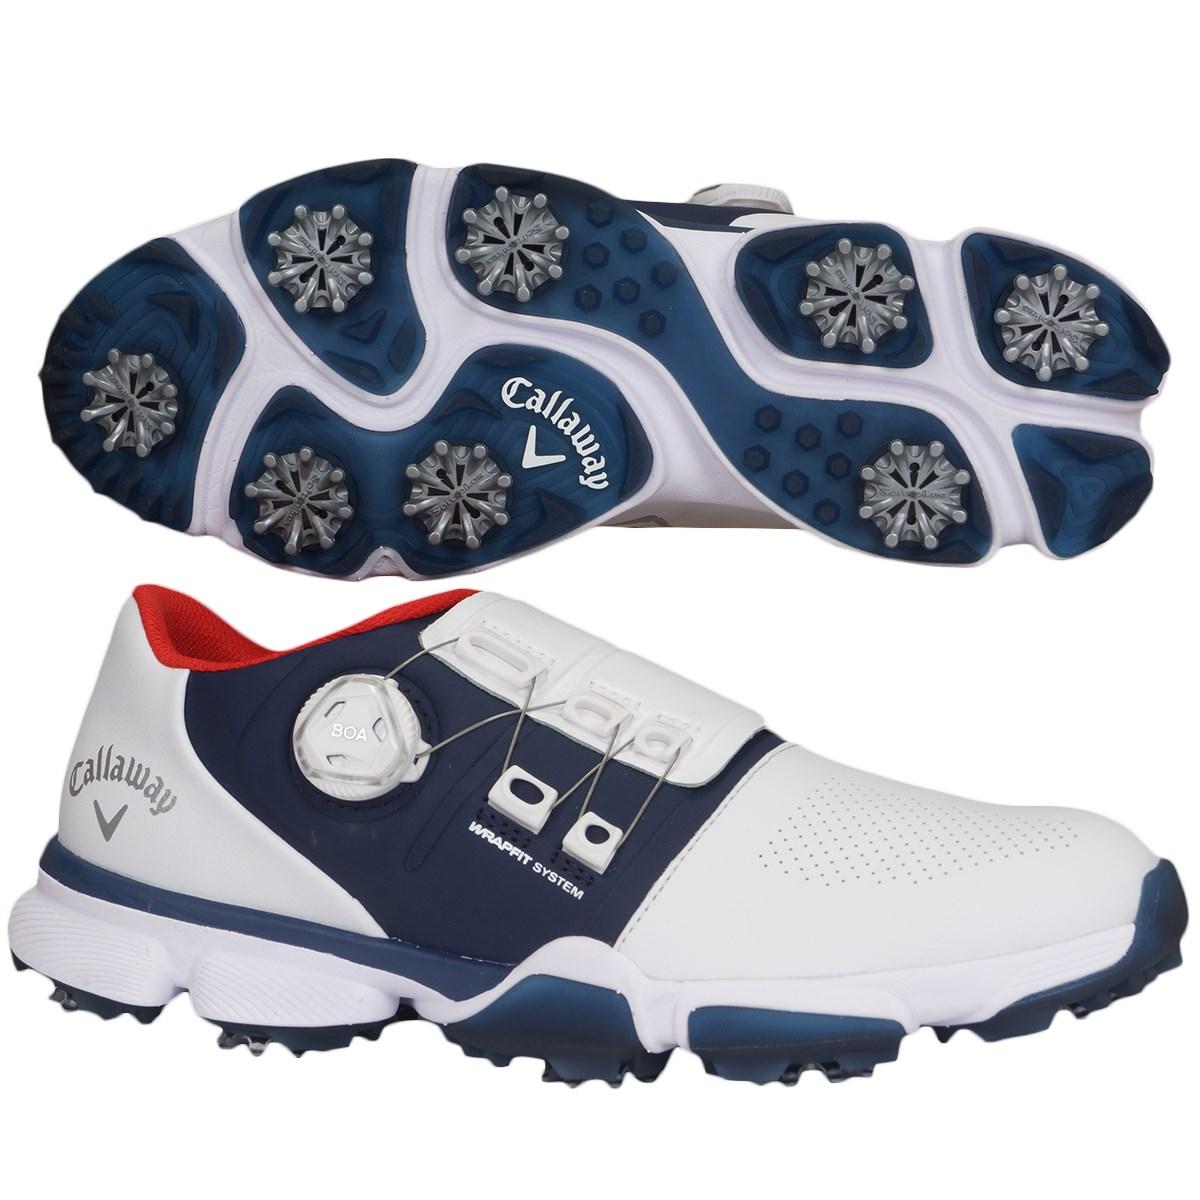 キャロウェイゴルフ Callaway Golf ゴルフシューズ 25.5cm ホワイト/ネイビー 033